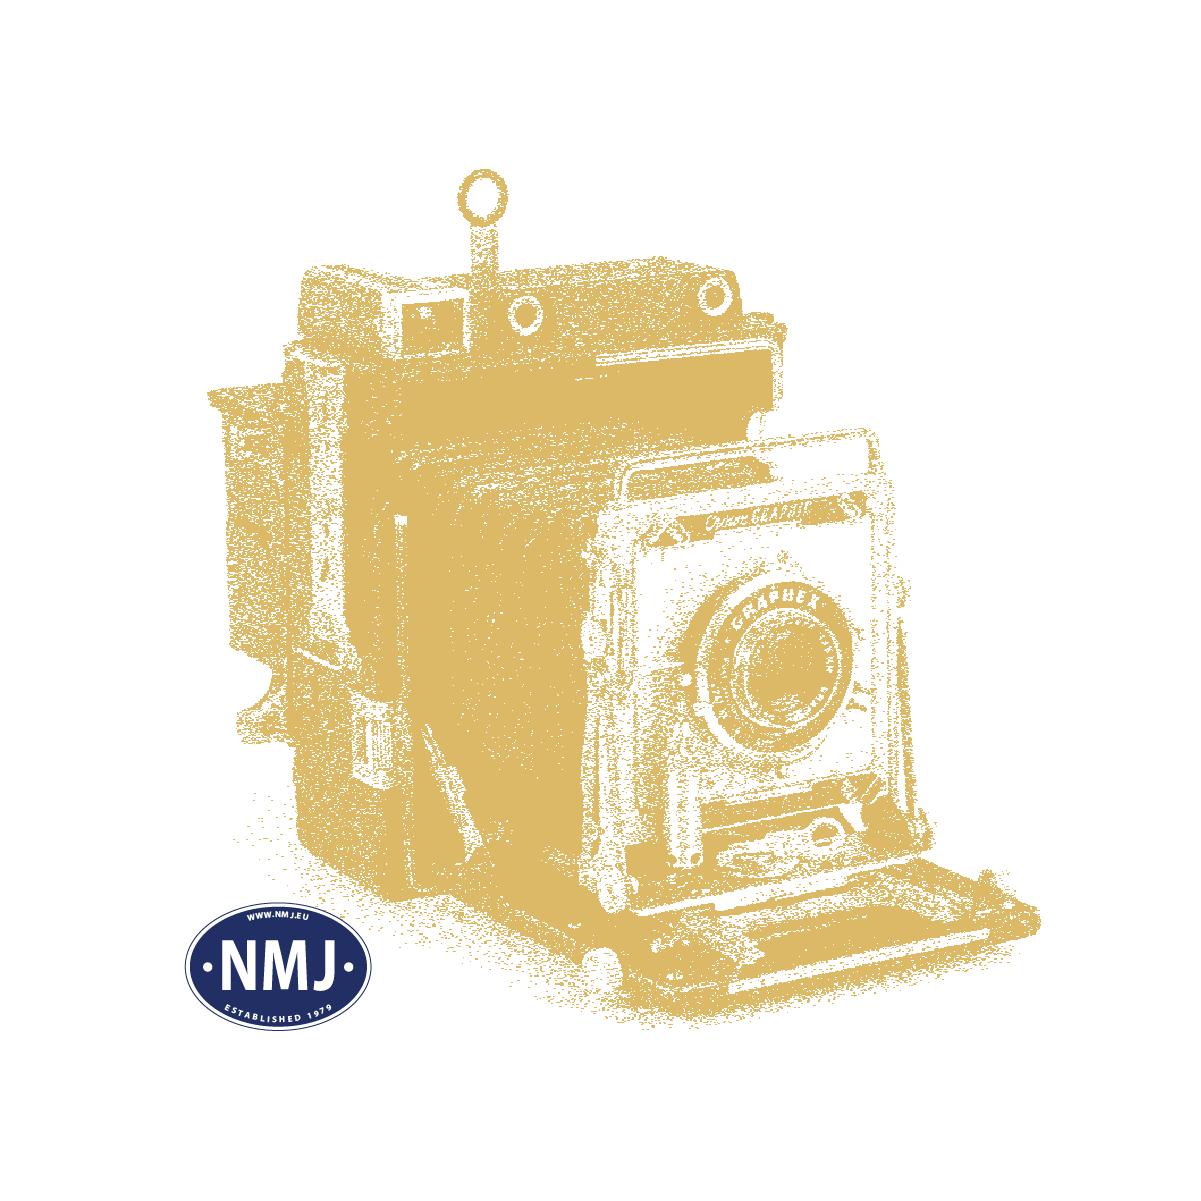 NMJT9917 - Isolatoren für El13